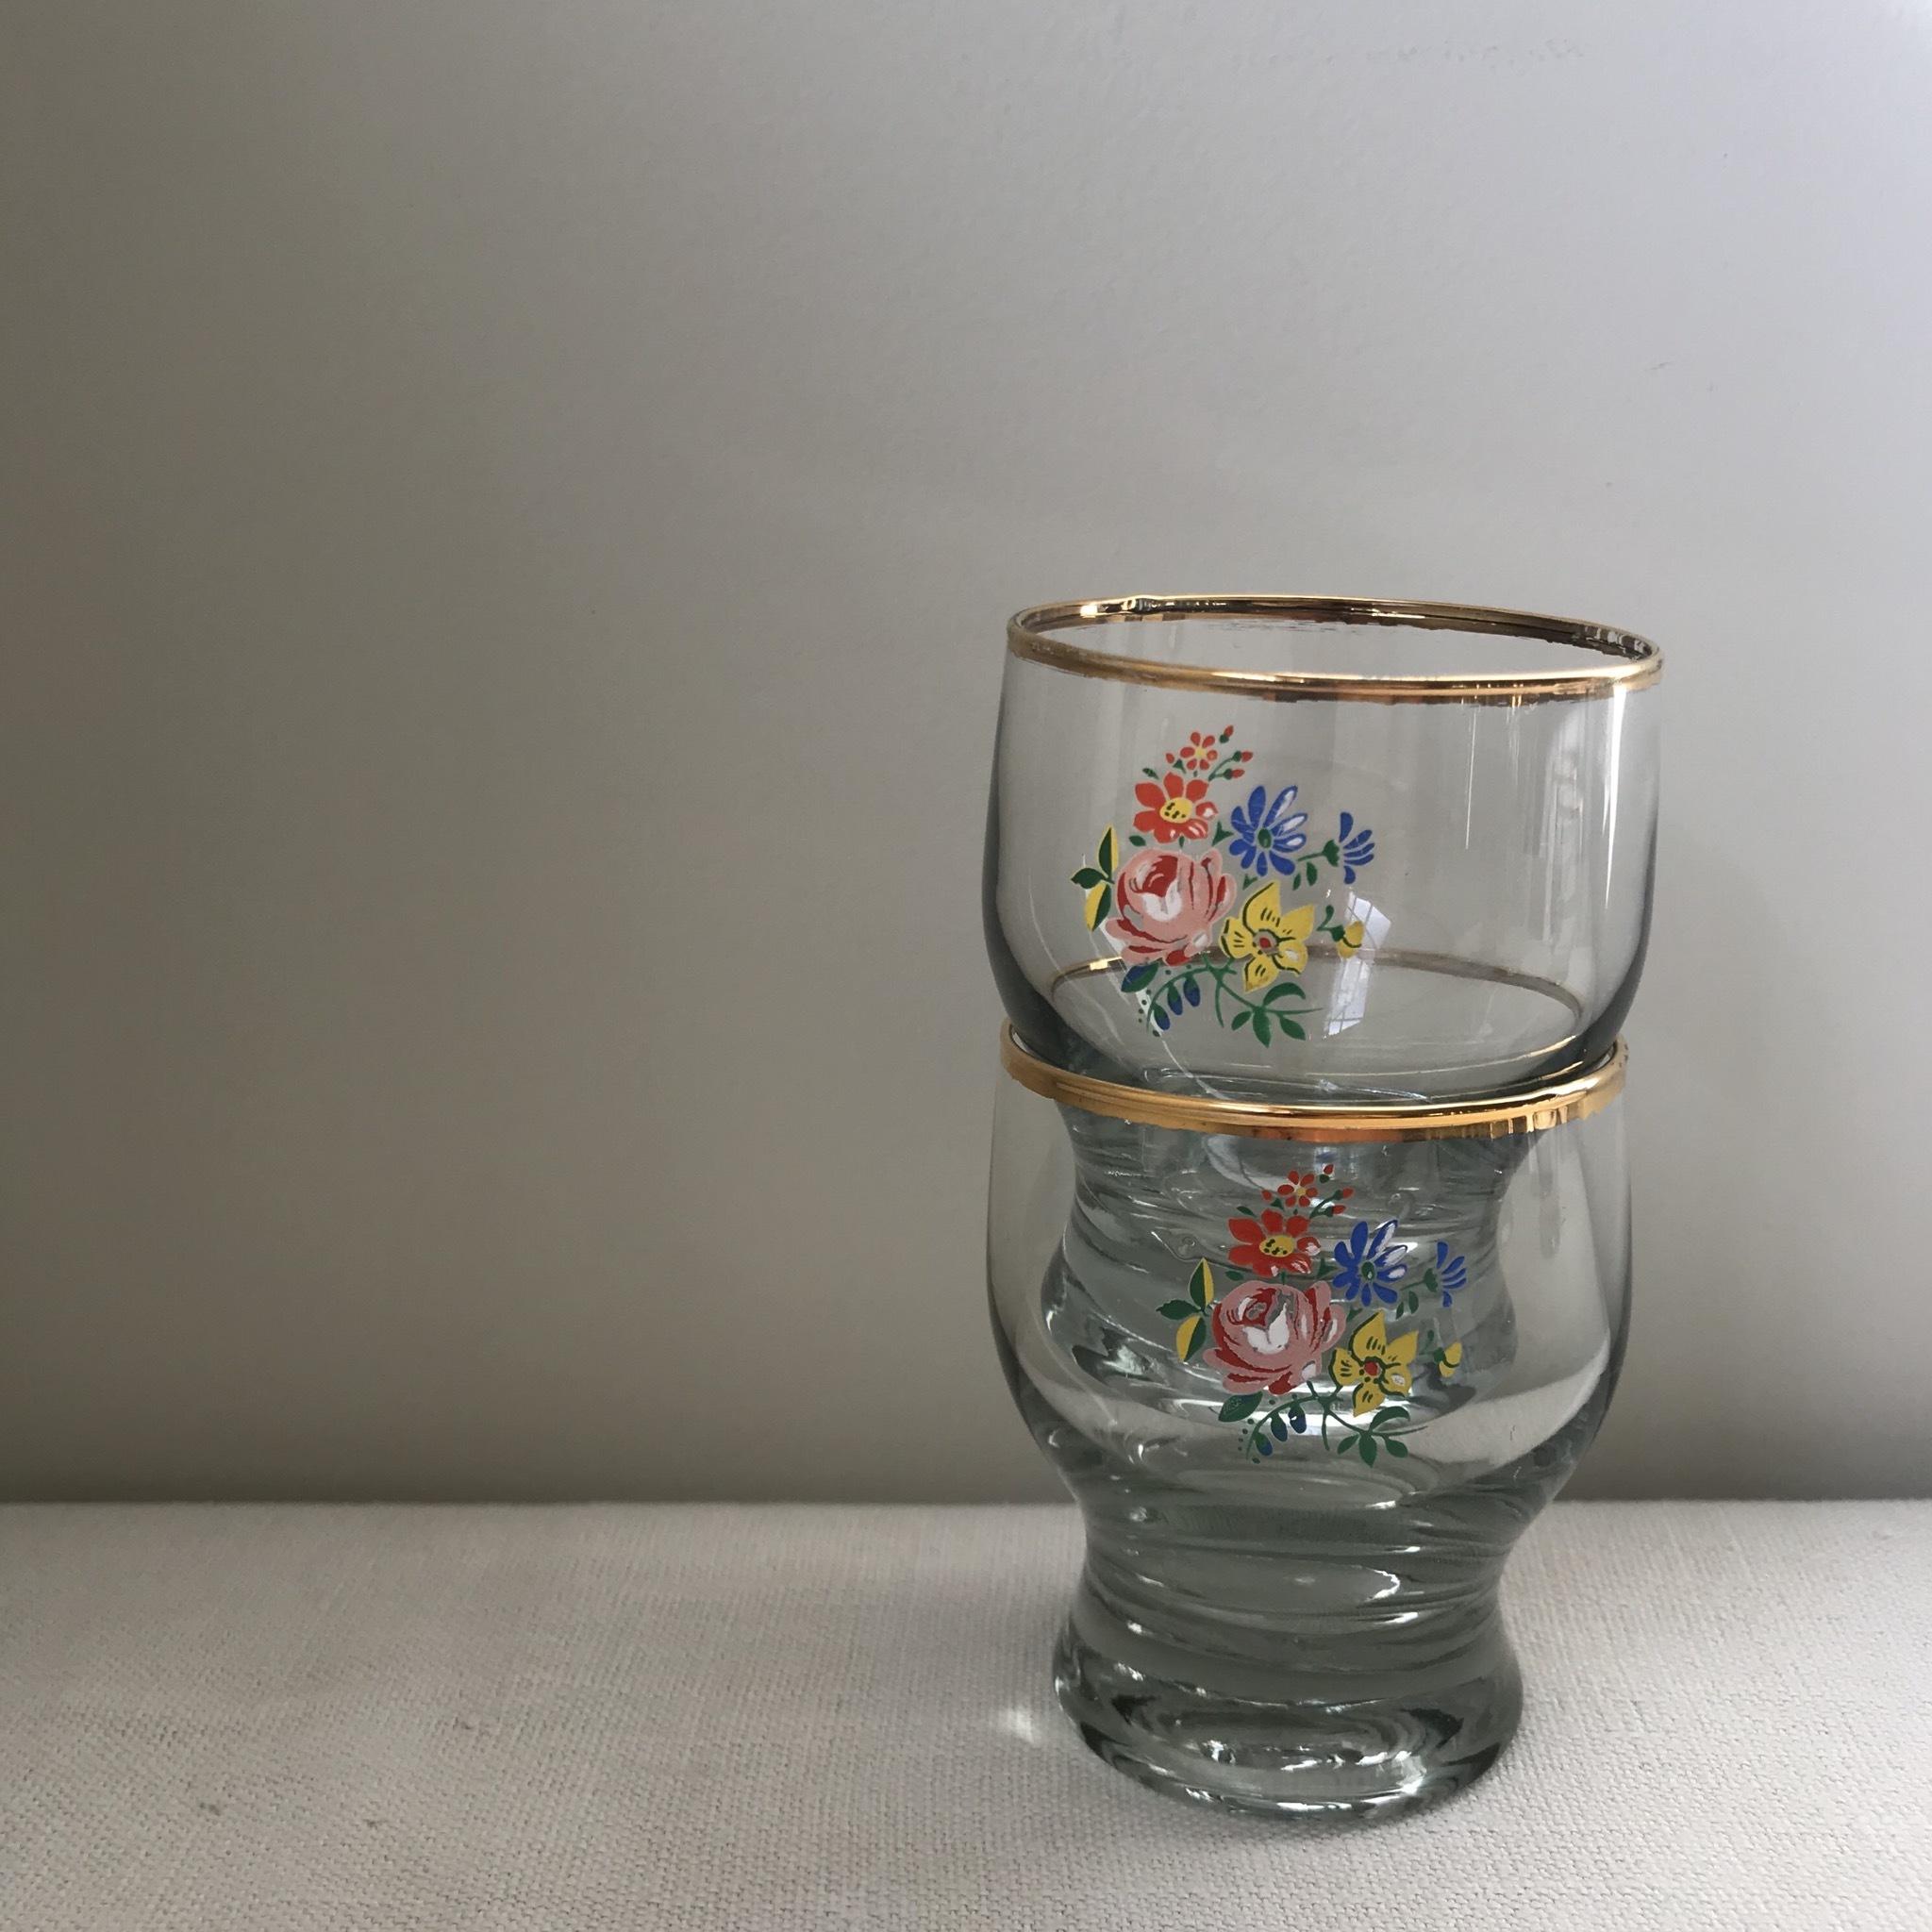 花柄の小さなジュースグラス